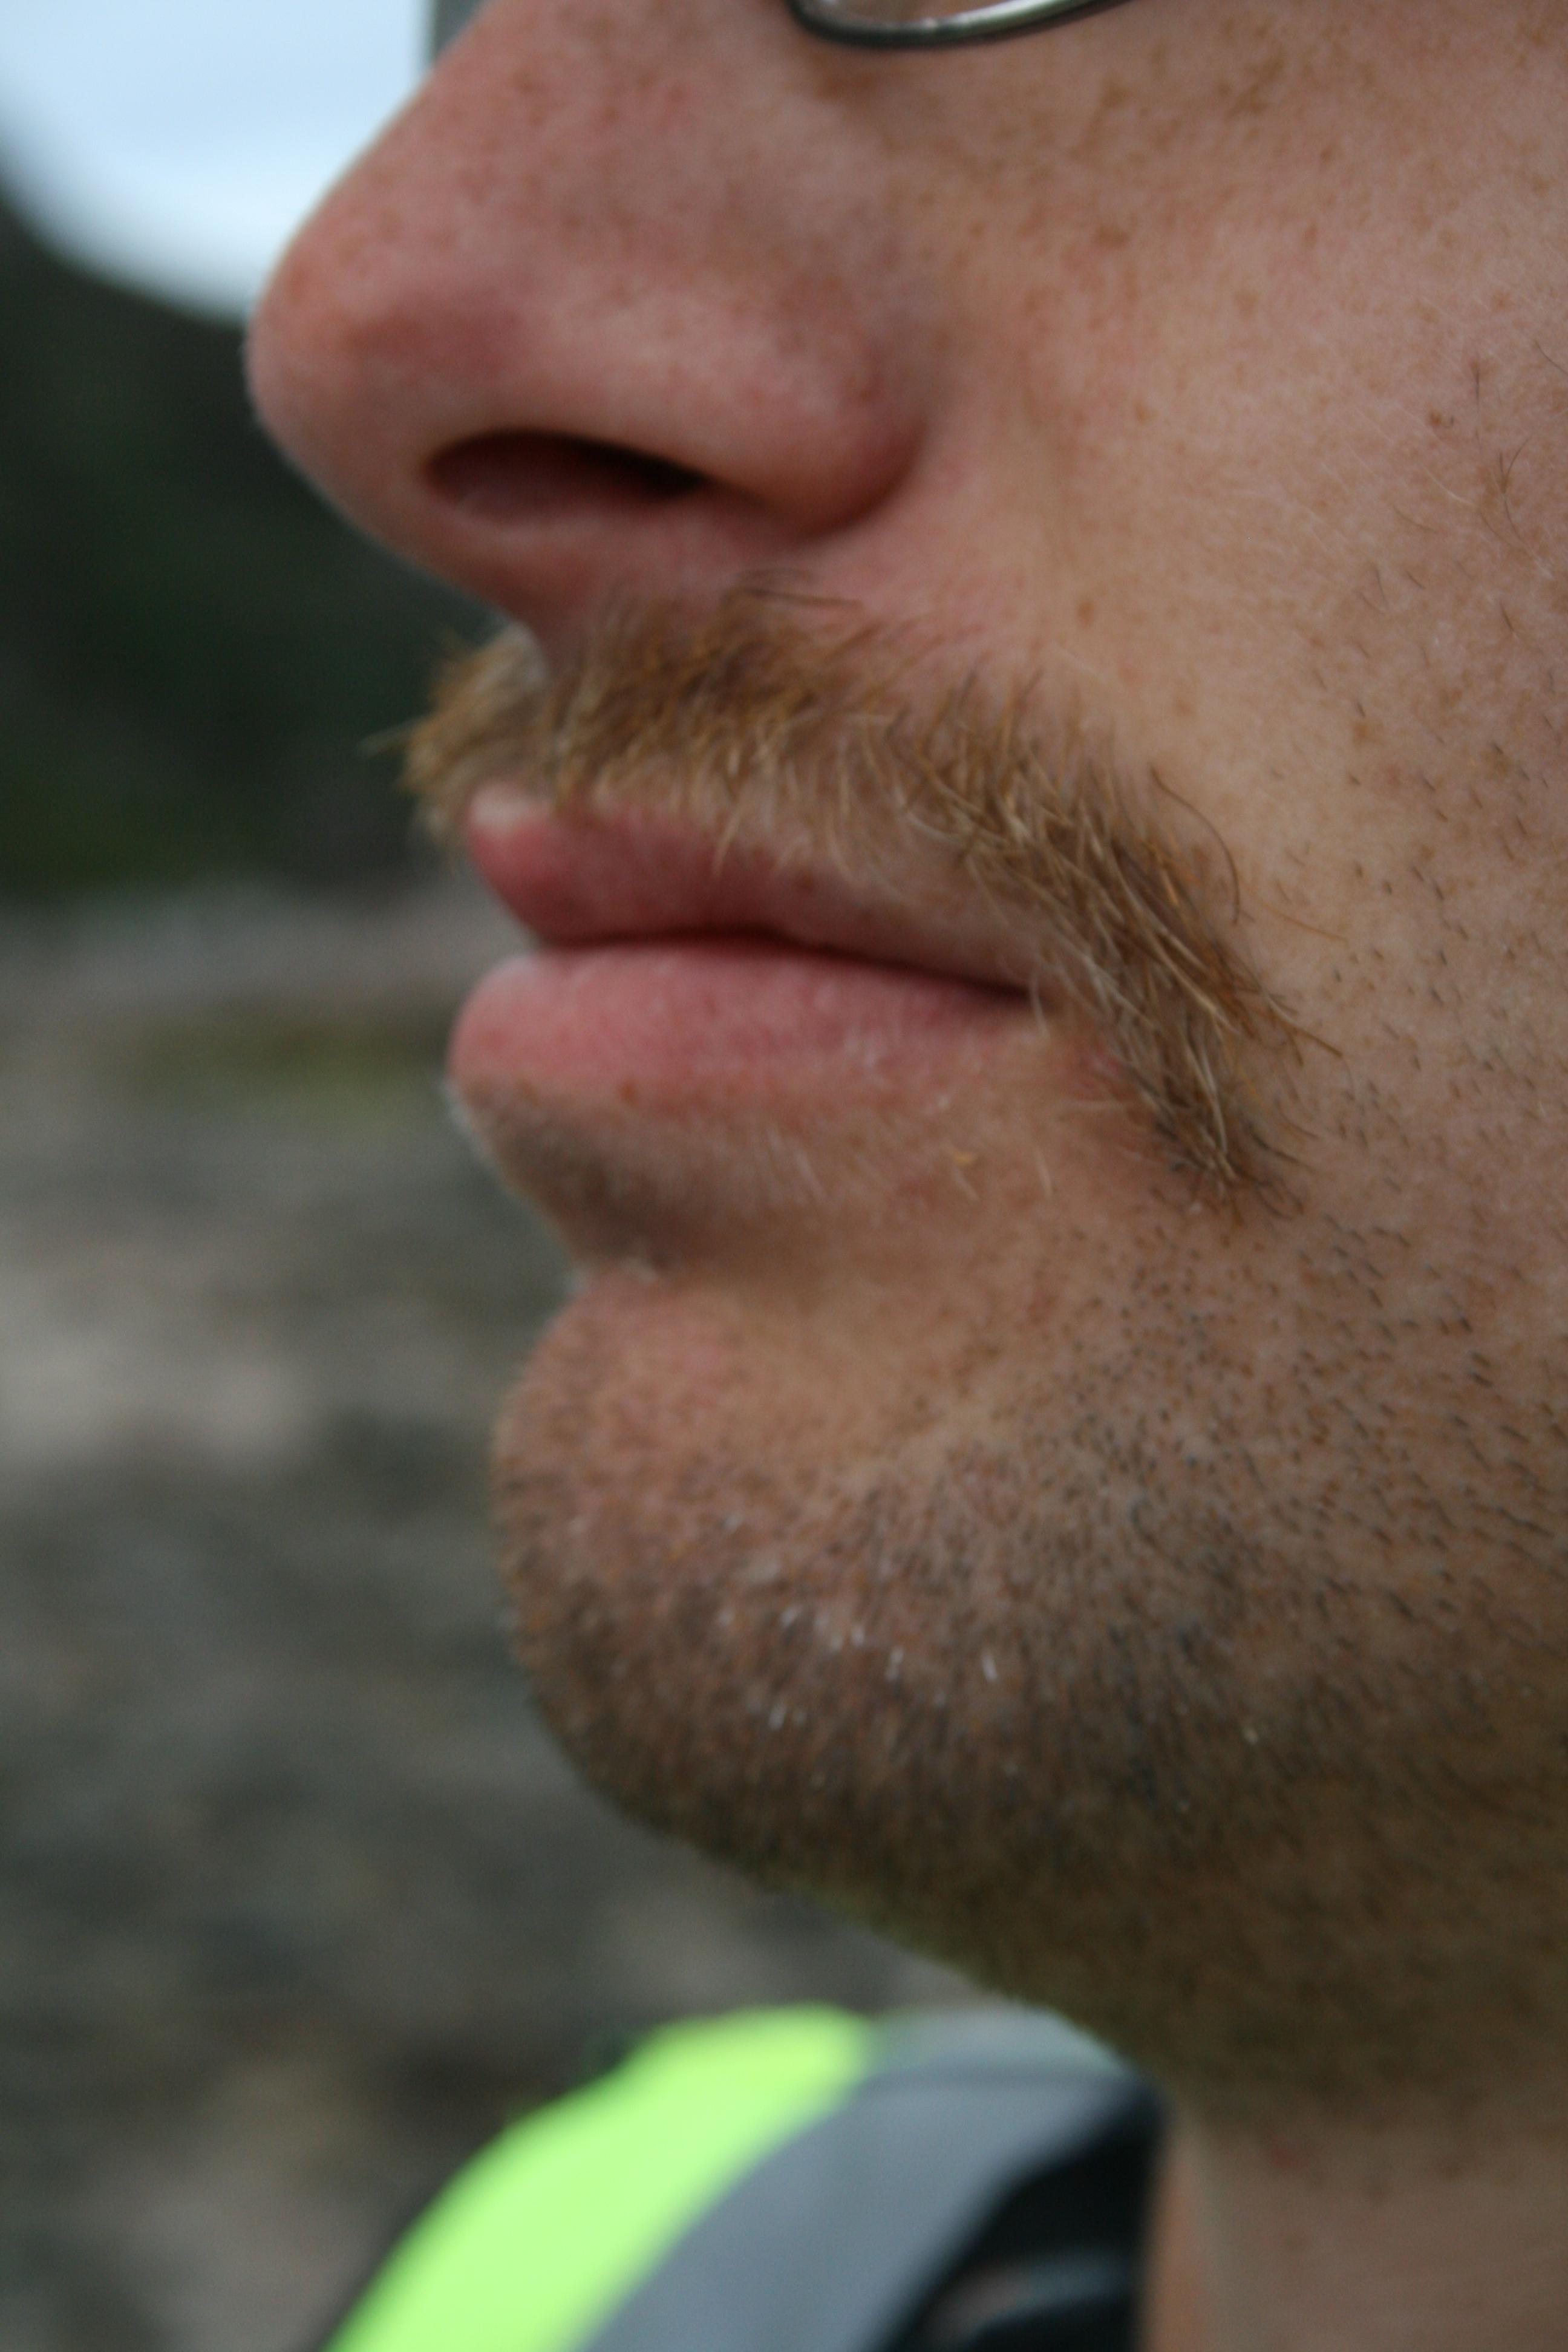 Moustache sends his regards